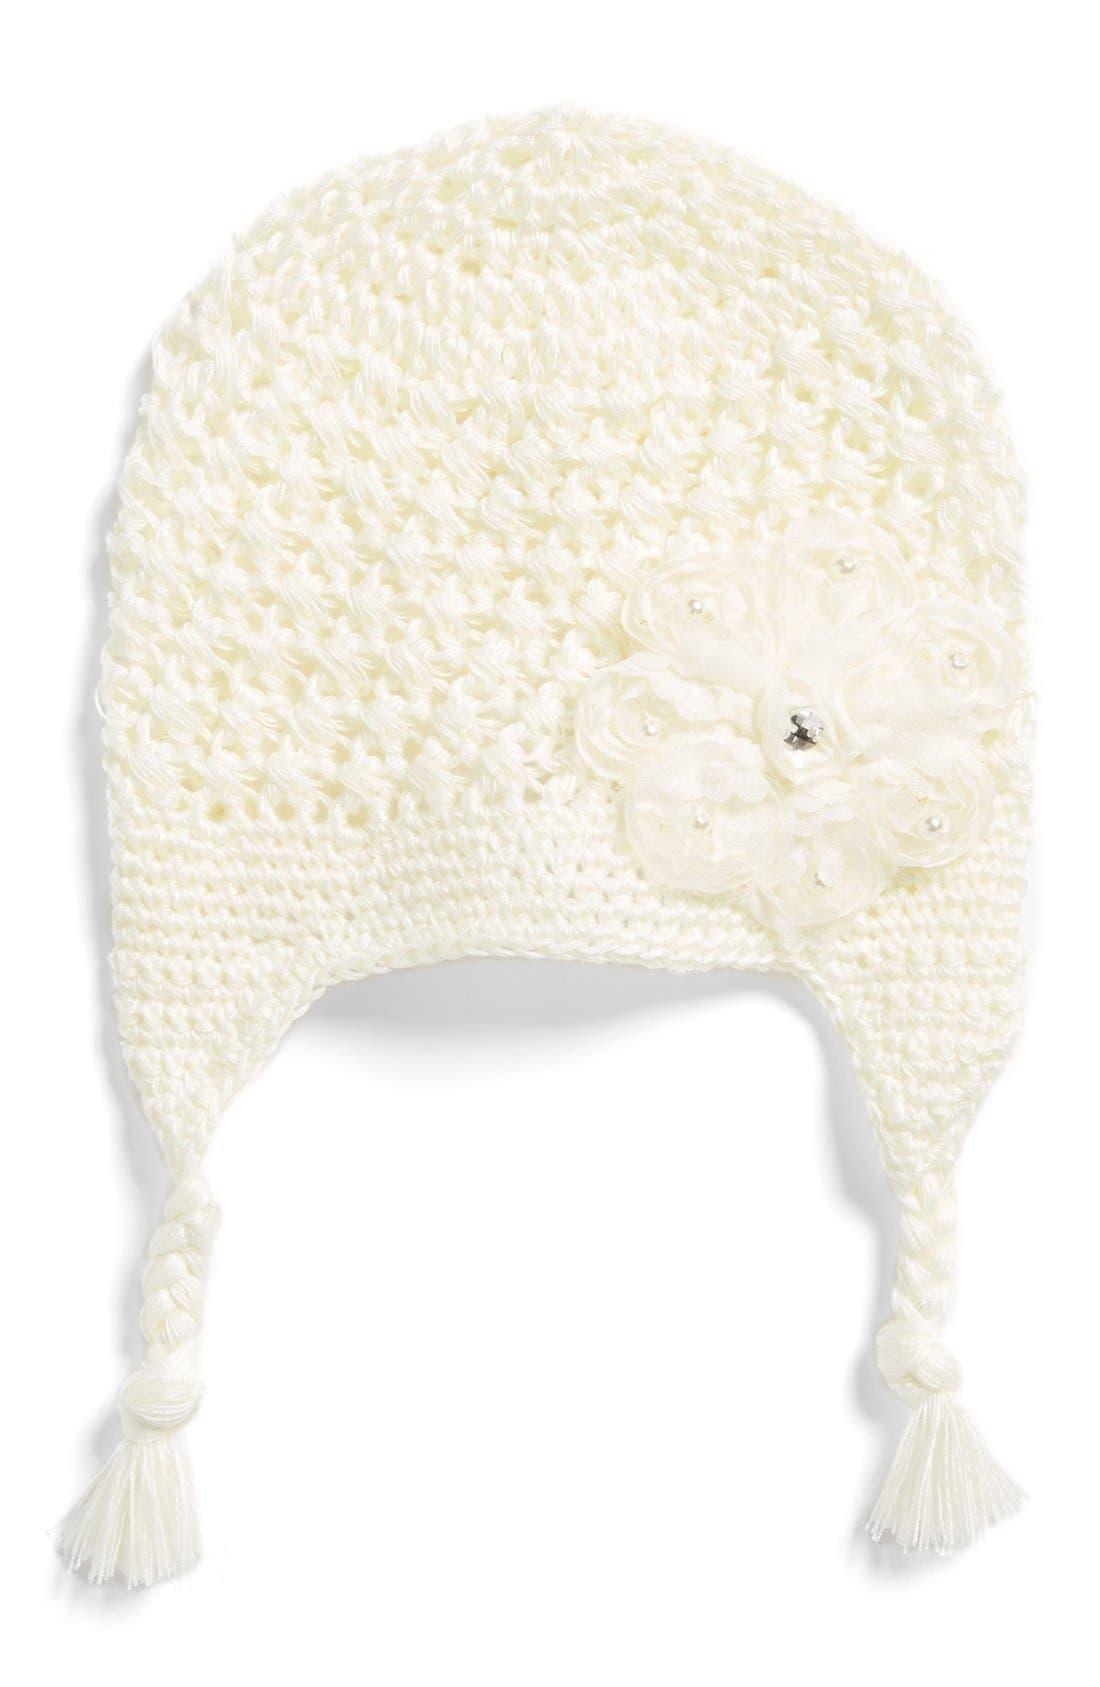 PLH BOWS & LACES PLHBows & Laces Crochet